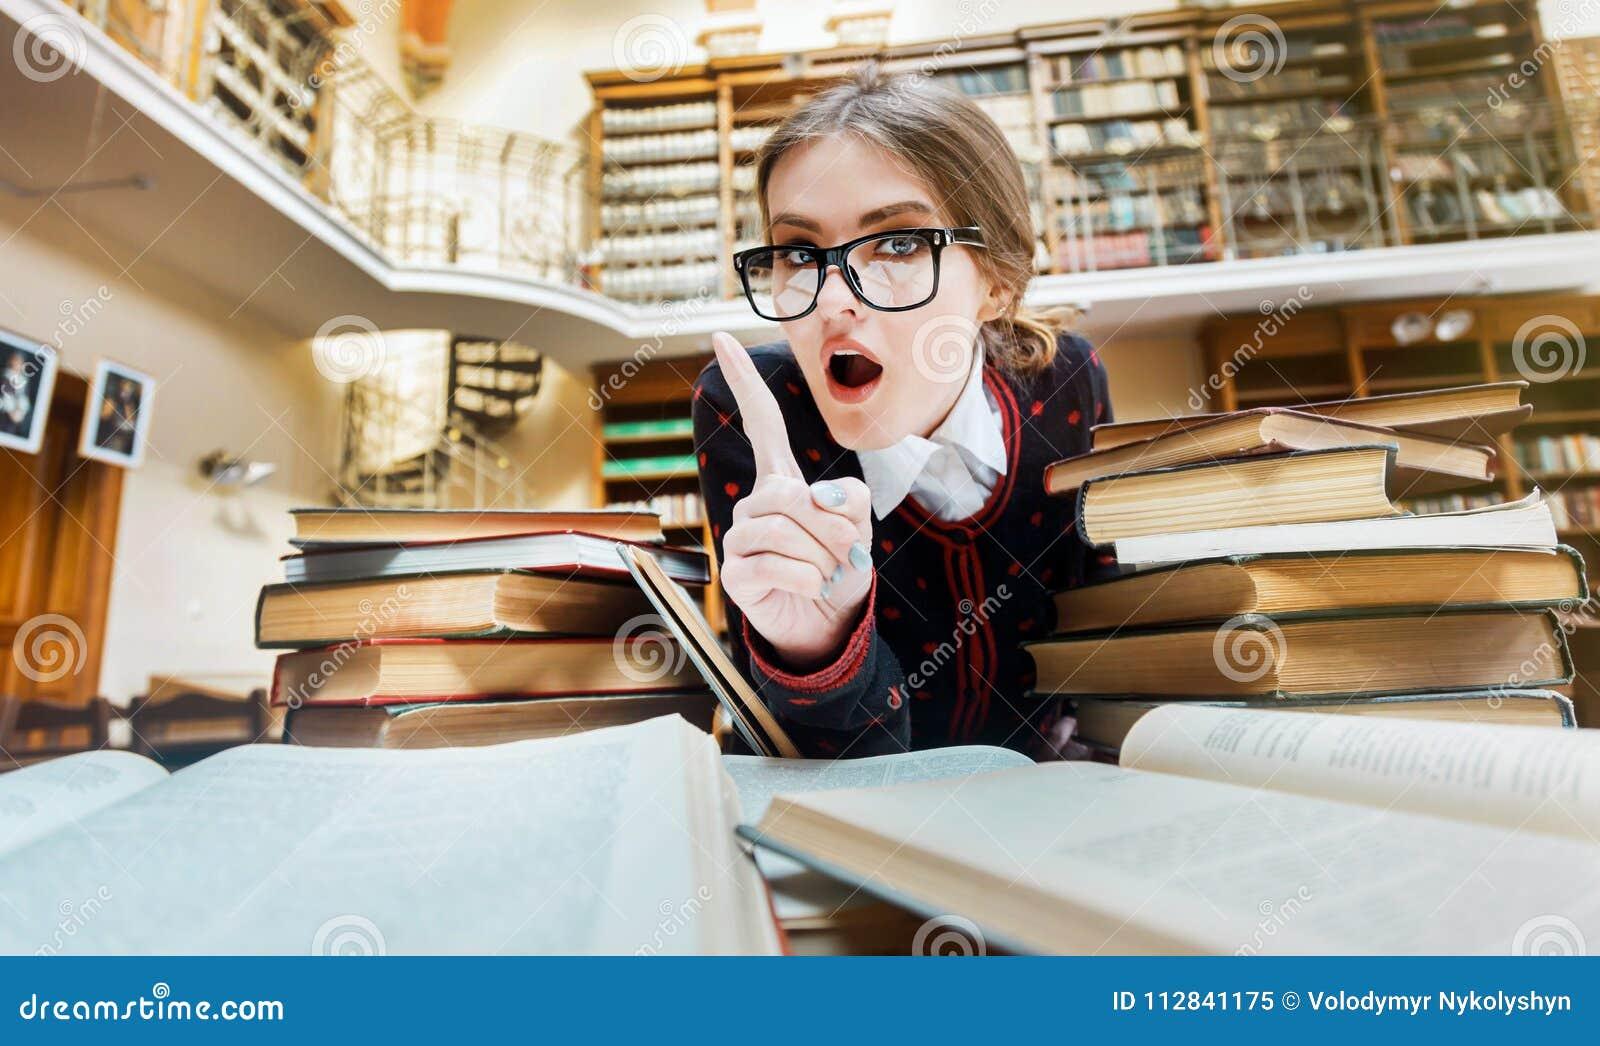 Сексапильная девушка в библиотеке